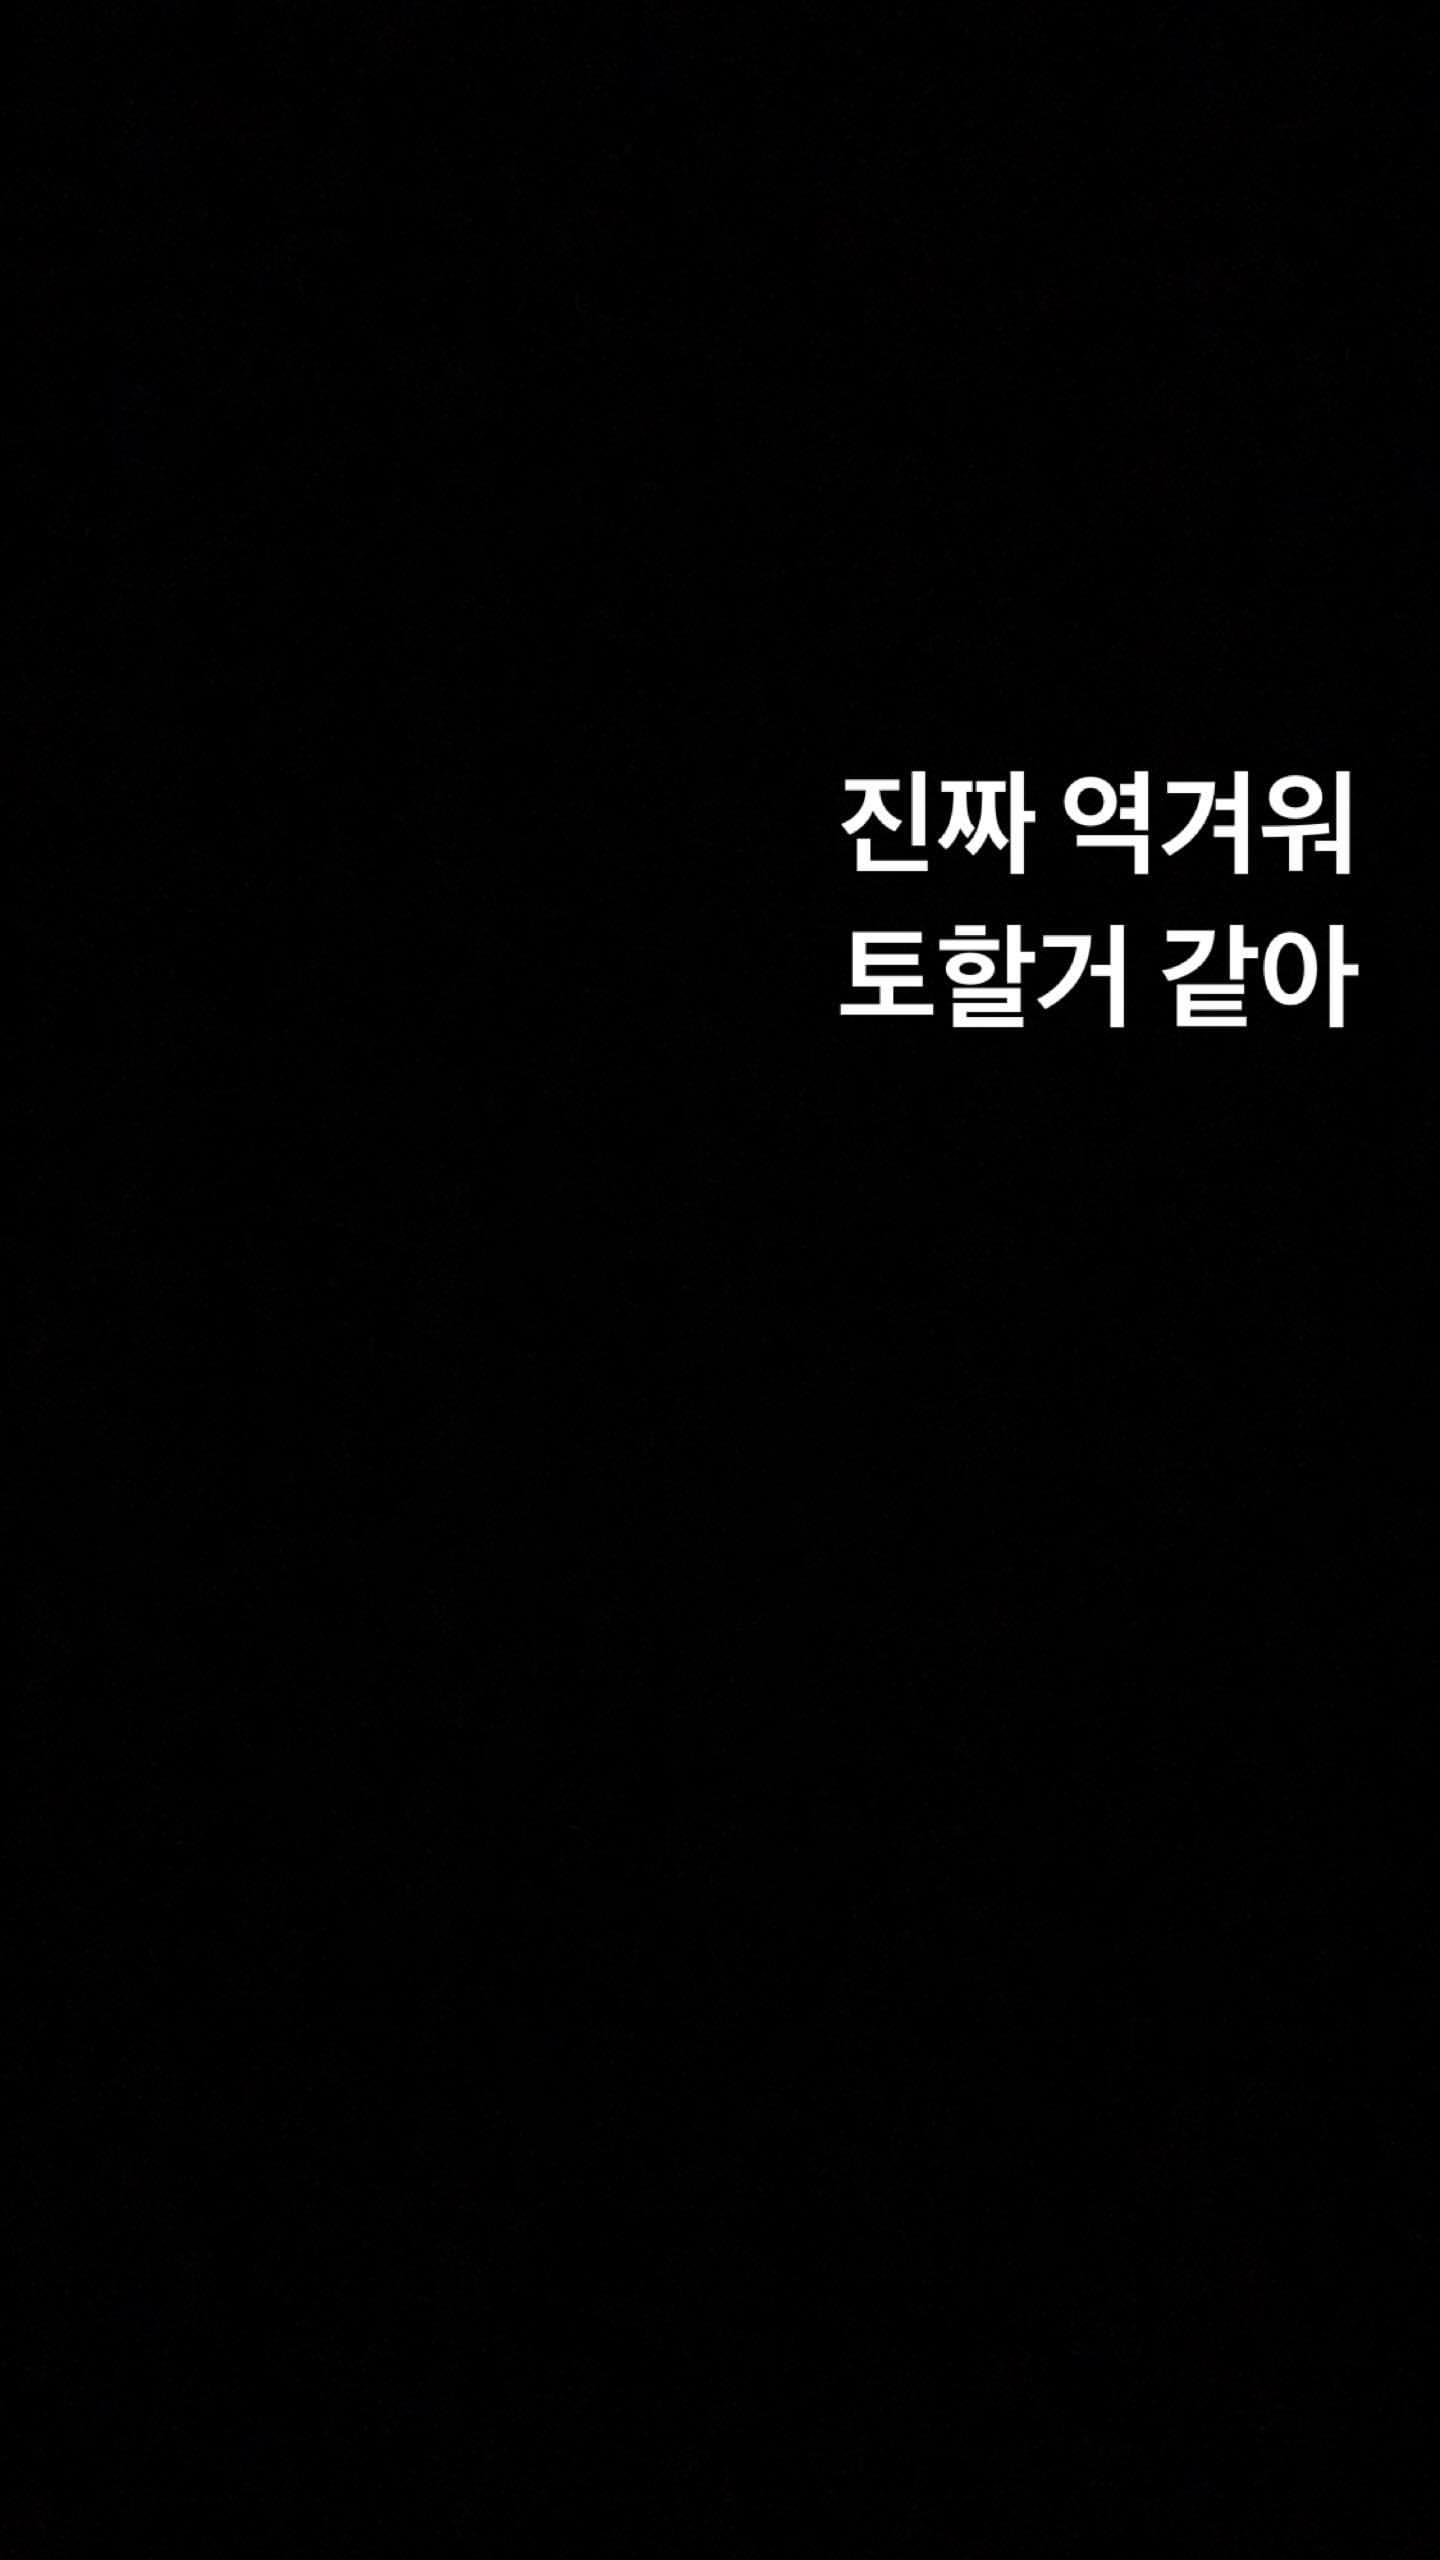 jungkook hash swan 2